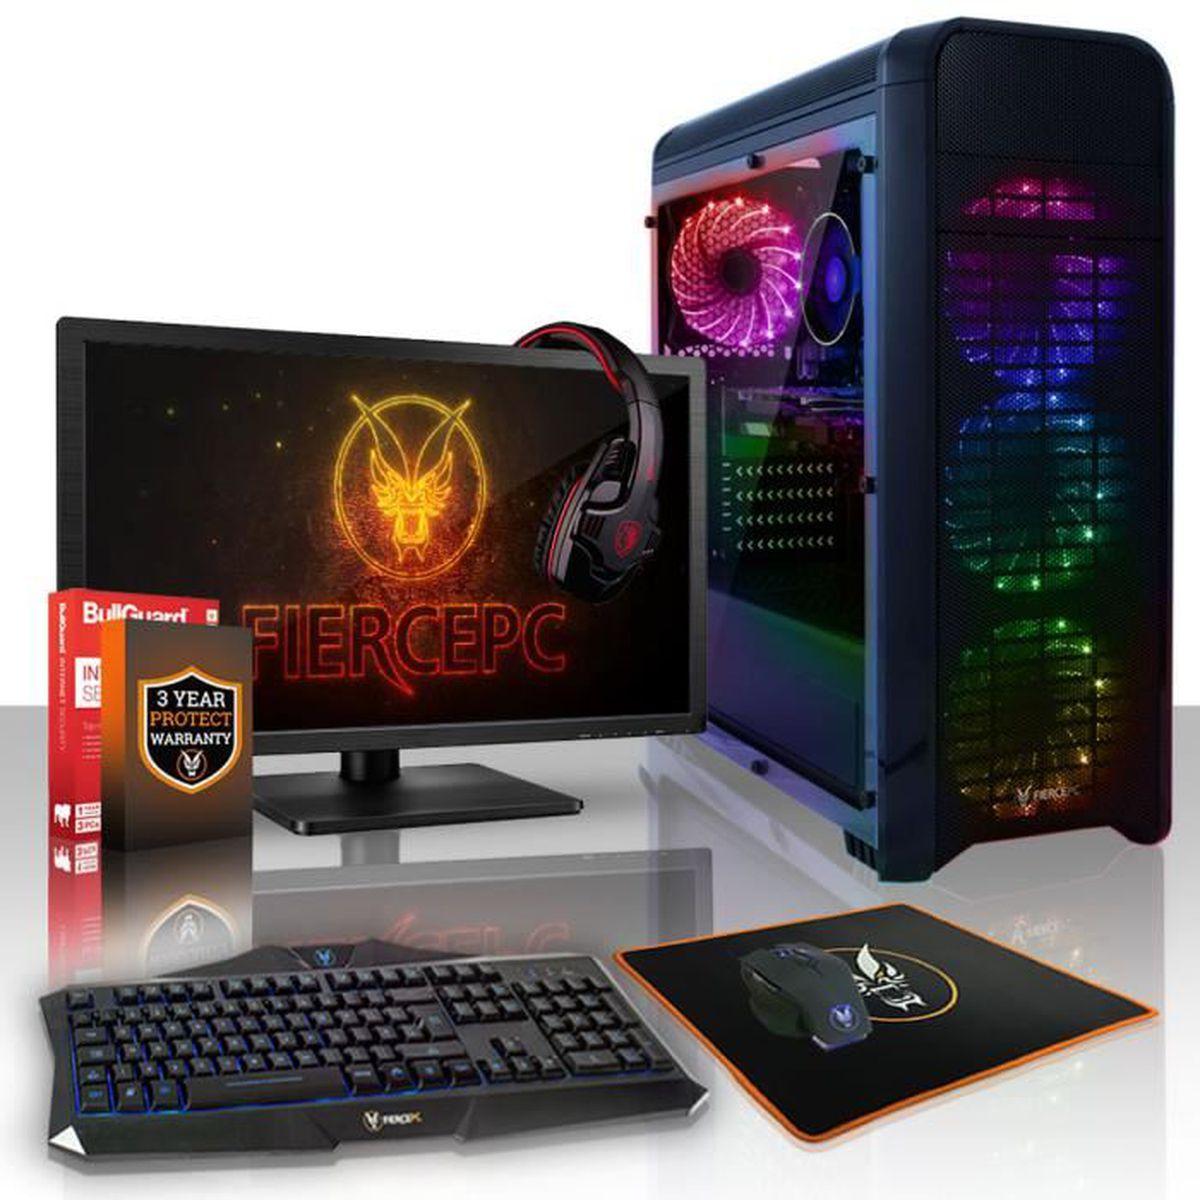 UNITÉ CENTRALE  Fierce PANTHER PC Gamer de Bureau - AMD Ryzen 5 16